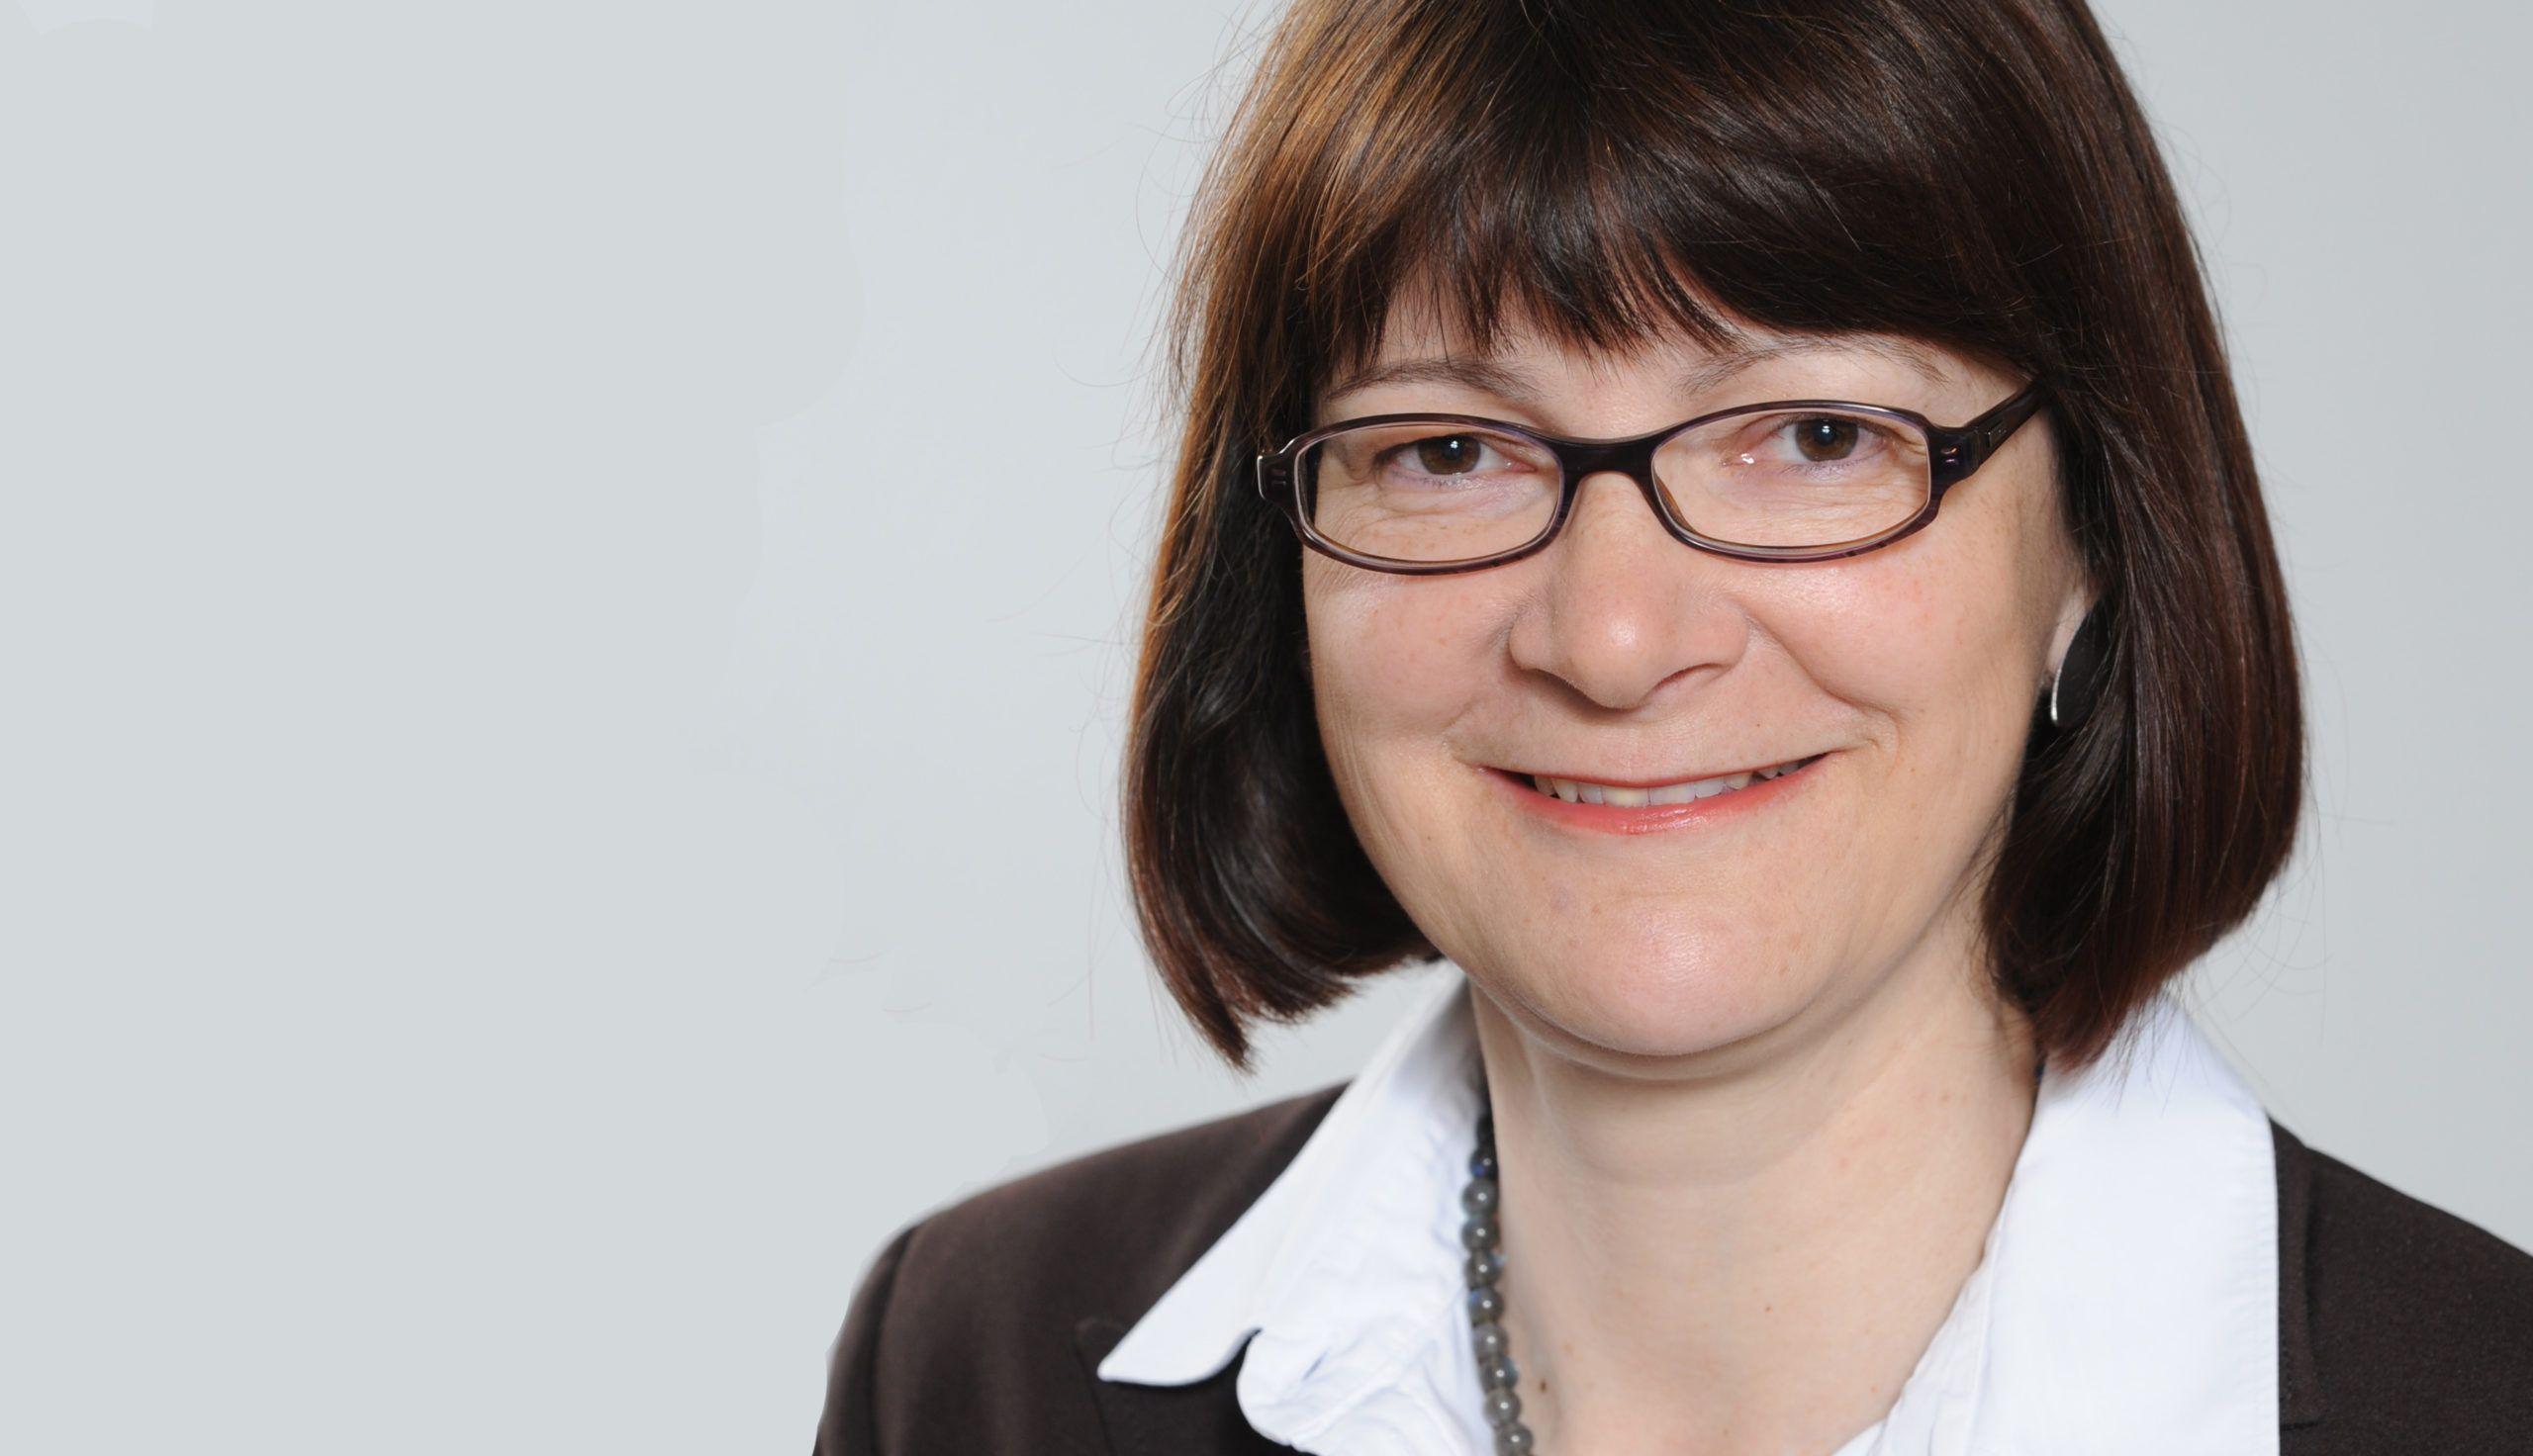 Voneinander lernen als Mehrwert der Vielfalt: Interview mit Britta Laatzen